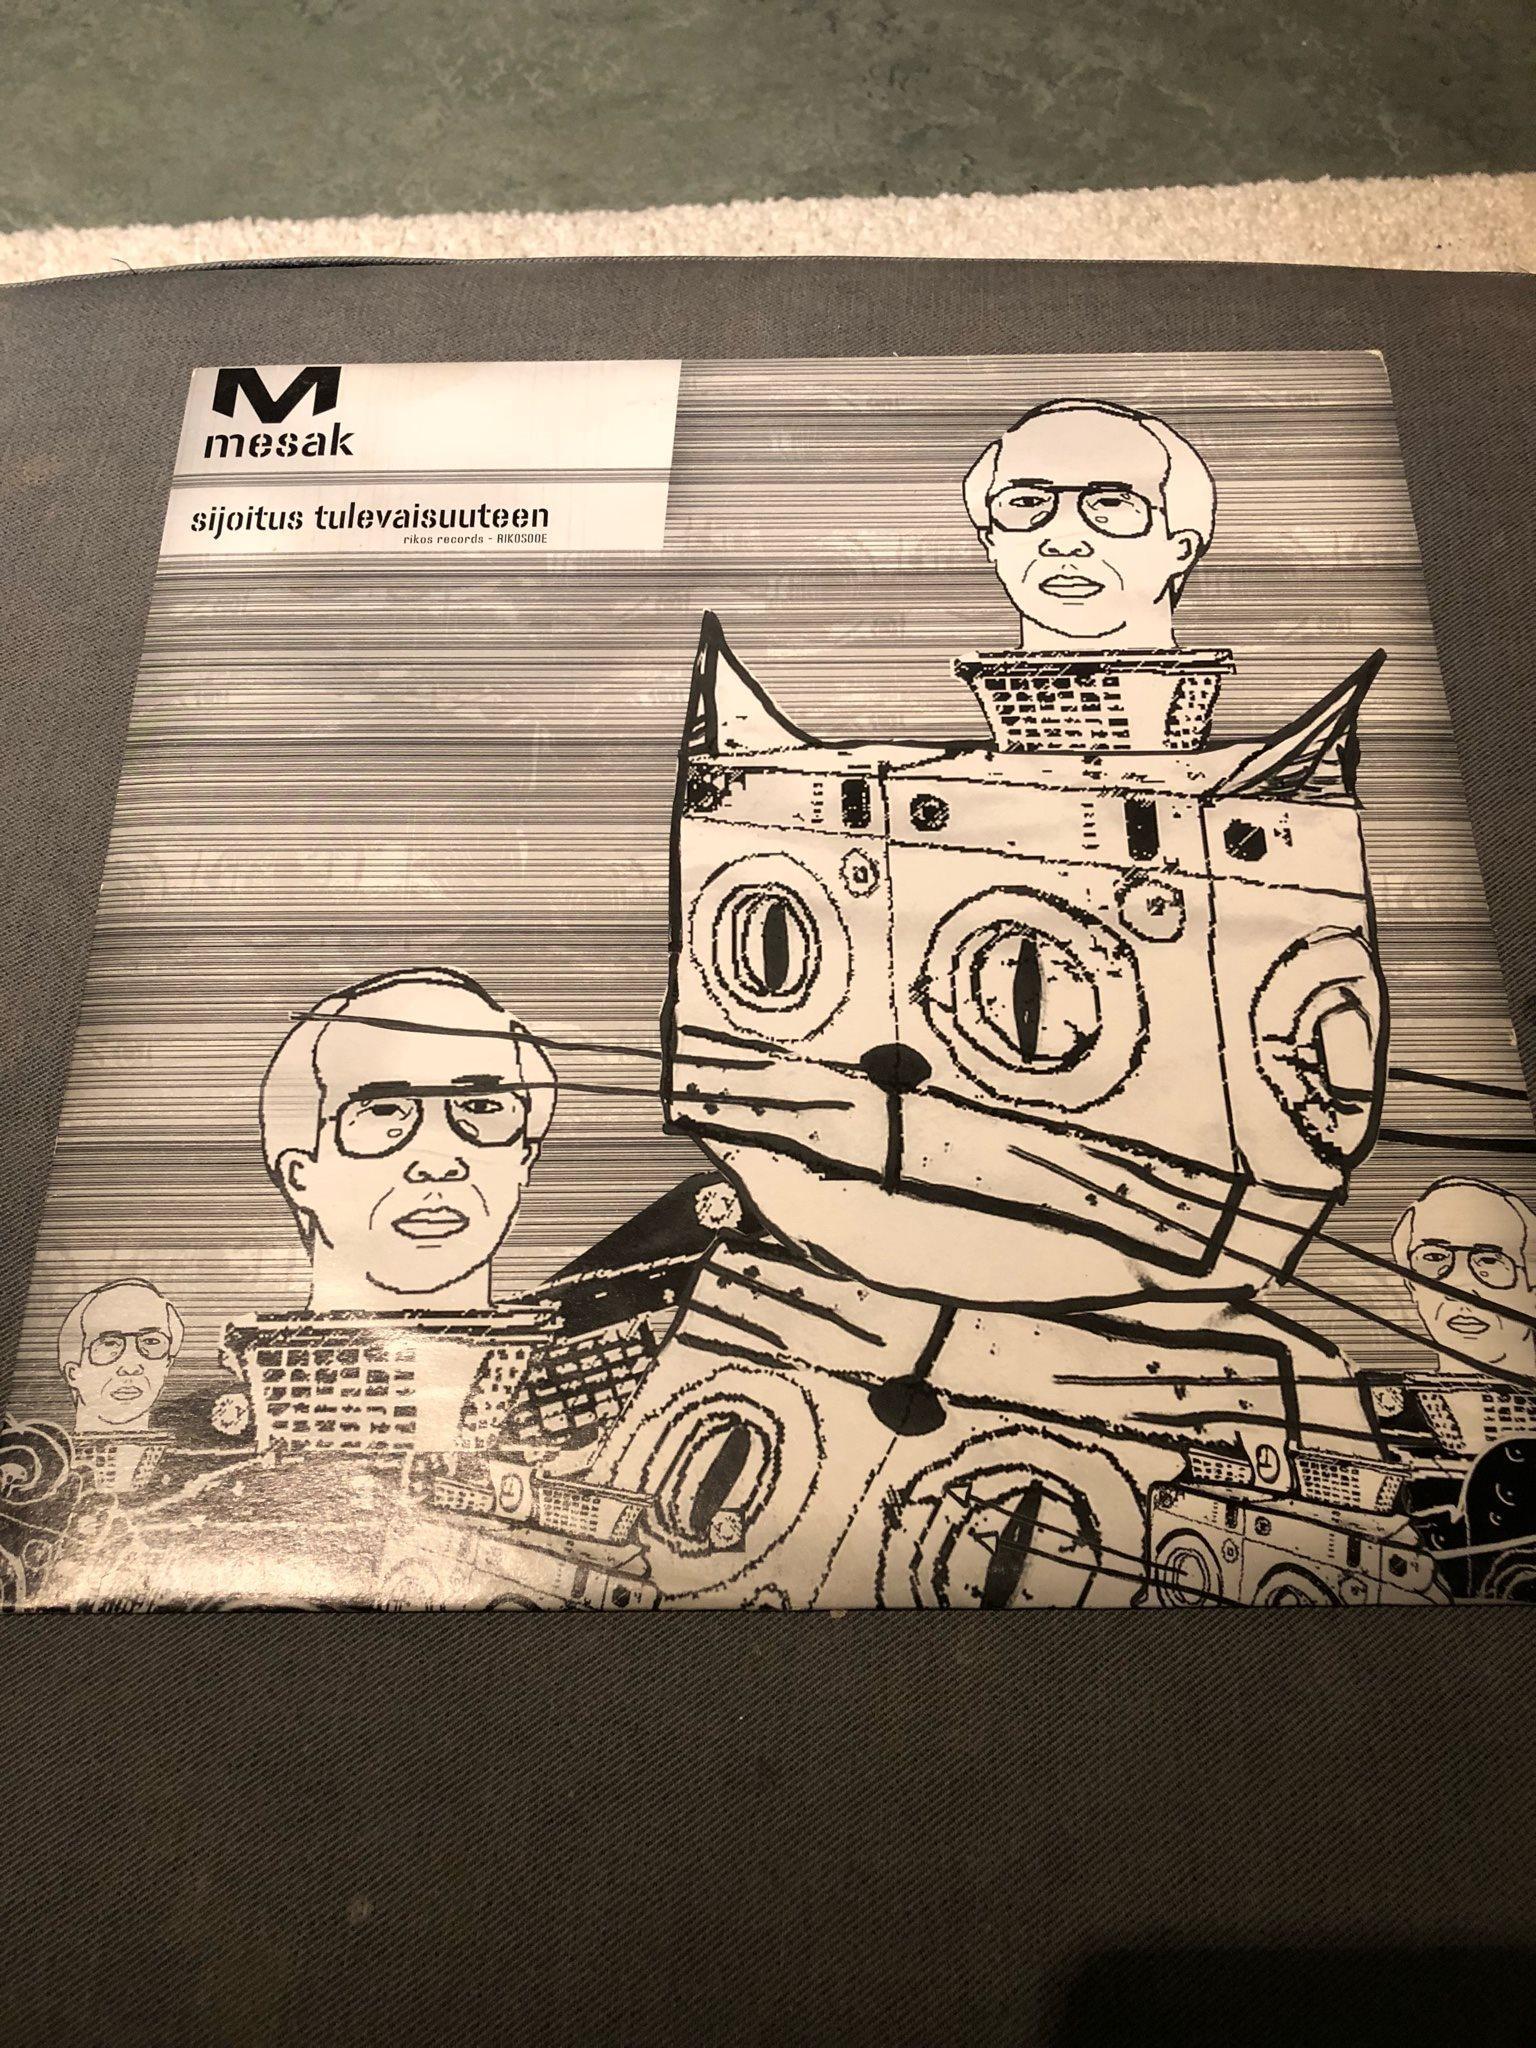 e51e079a557bbc Mesak (Tatu Metsätähti ) Sijoitus Tulevaisuuteen - Rikos Records RIKOS00E